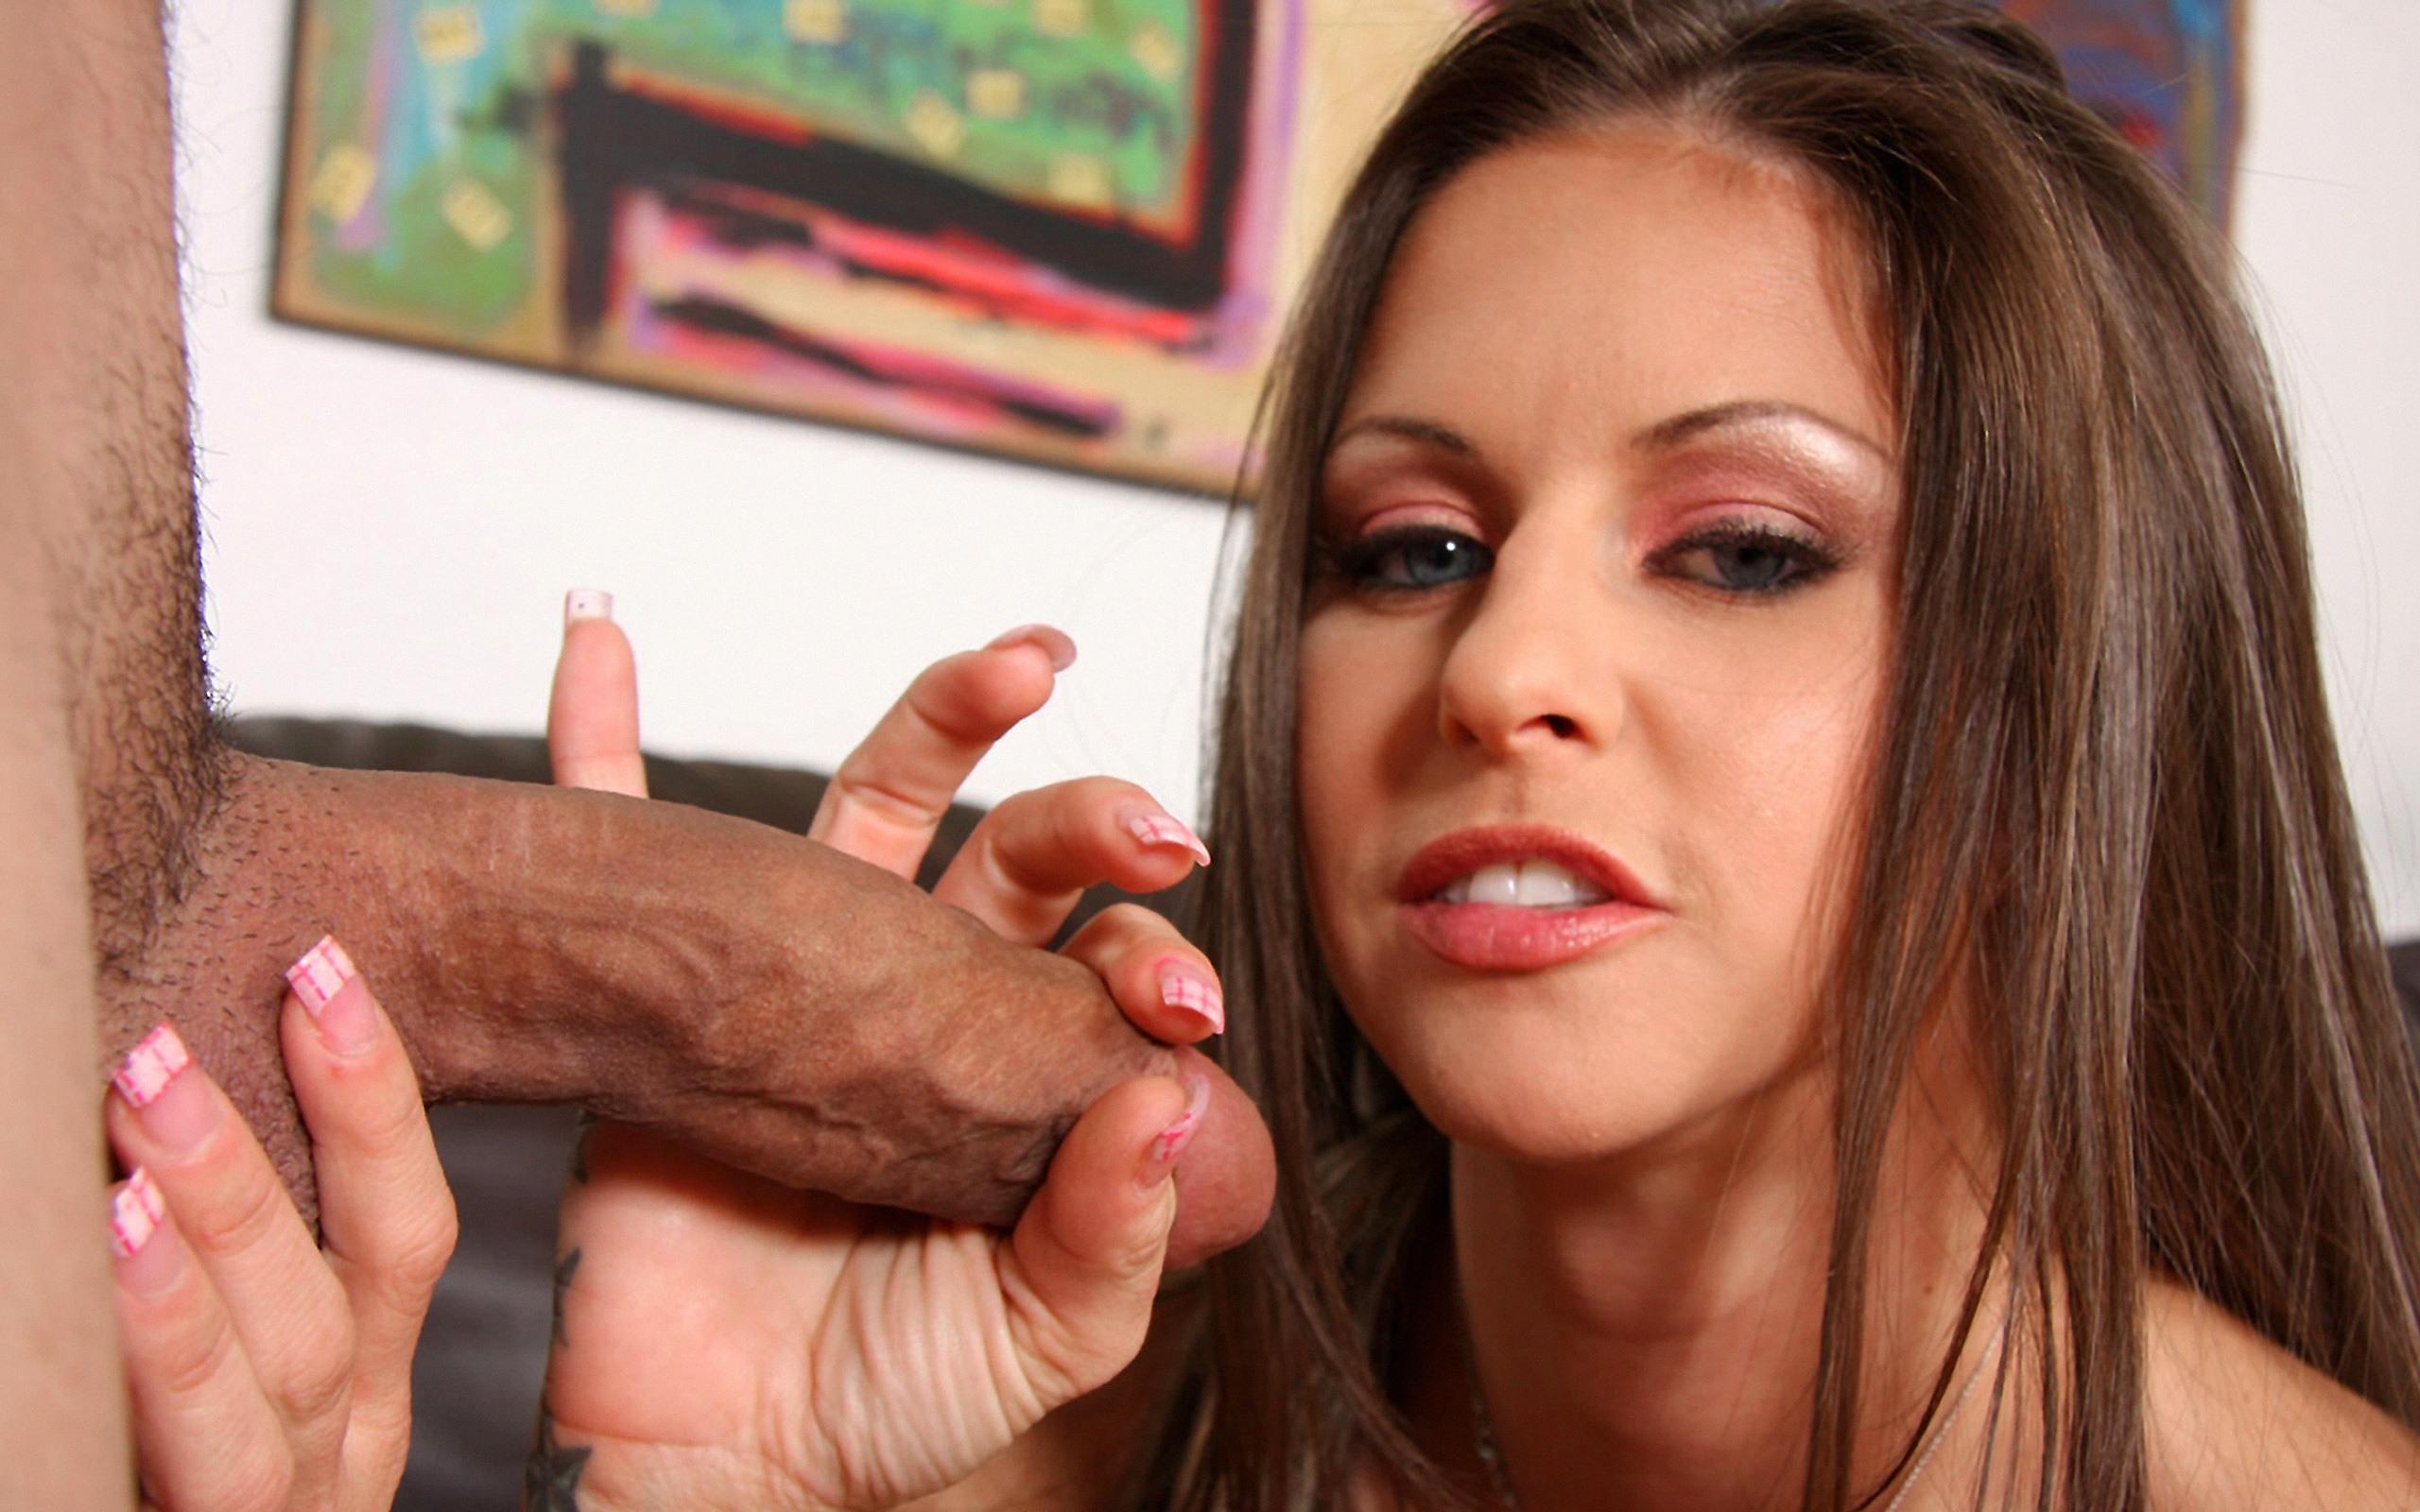 Фото Накрашенная шлюха с удовольствием ласкает толстый член, массирует двумя пальчиками головку, уже представила как глубоко заглотнет его, скачать картинку бесплатно